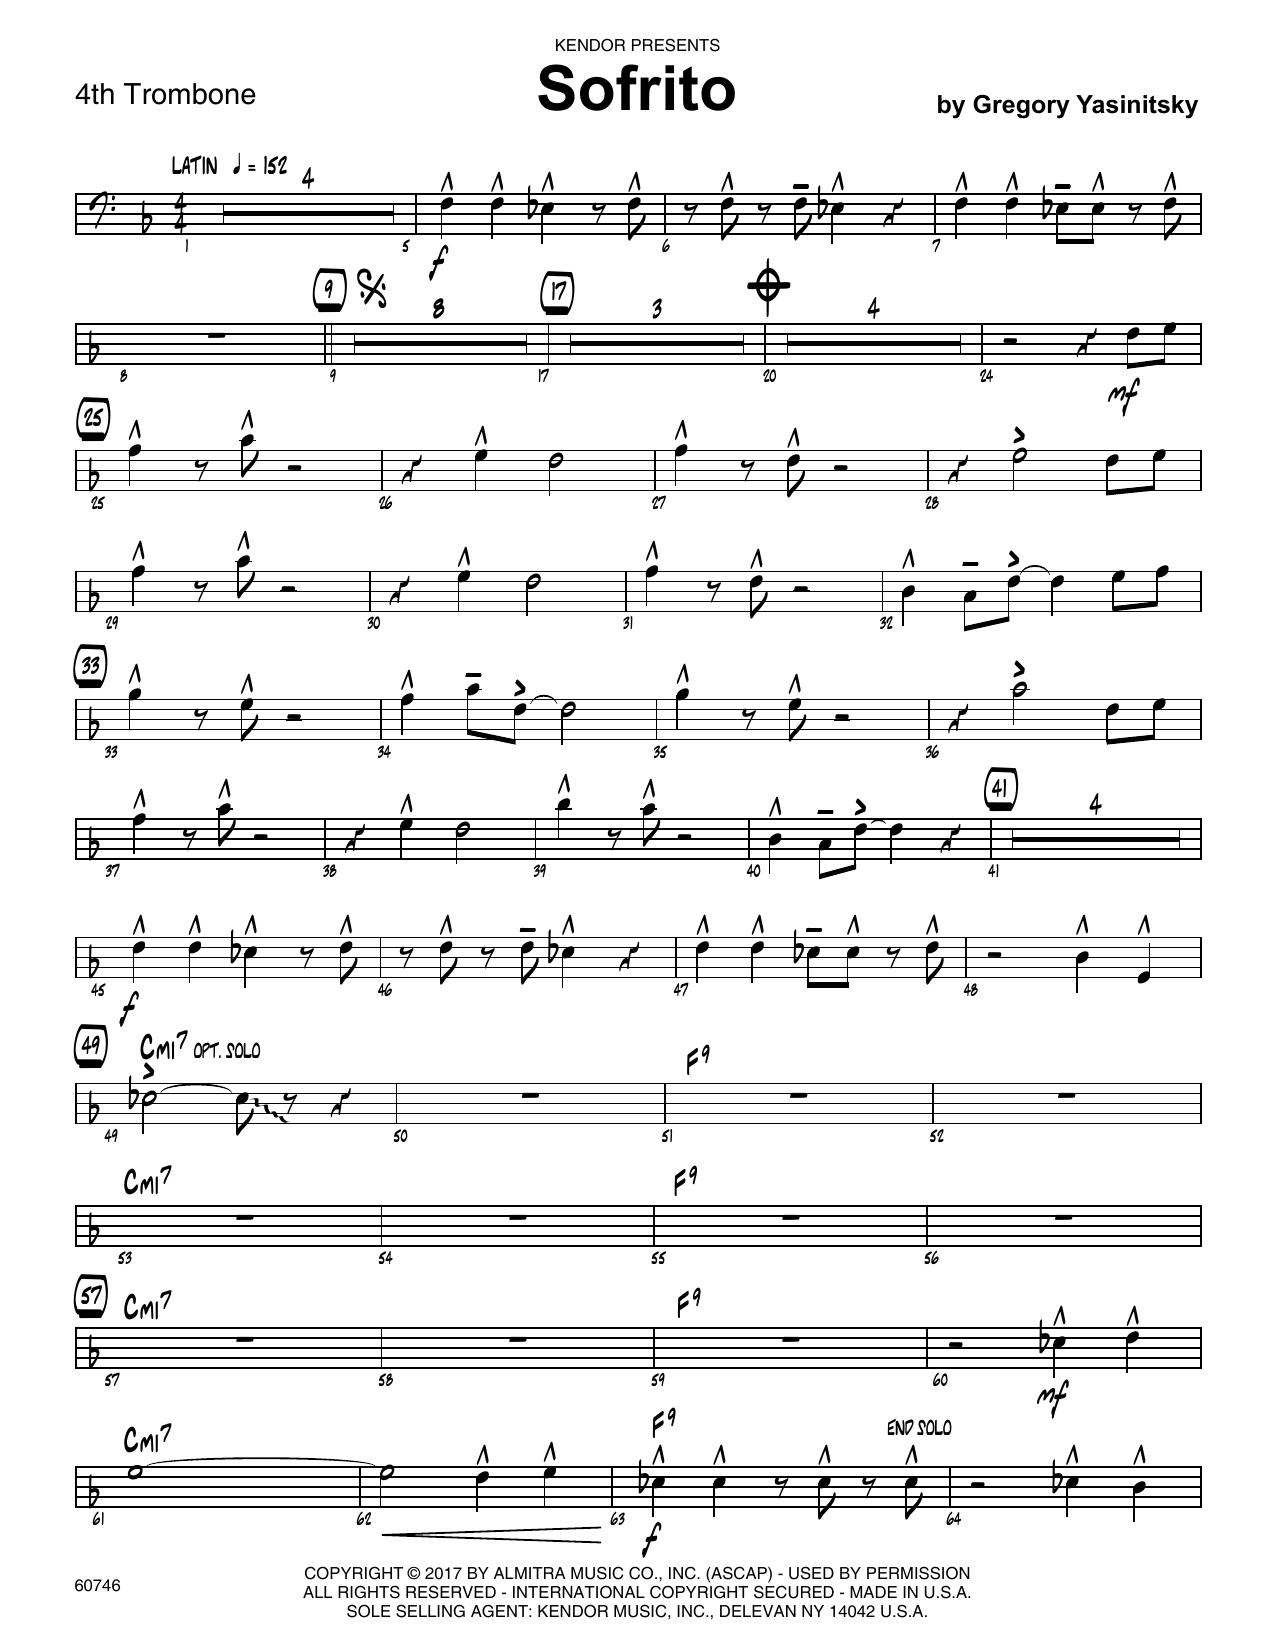 Sofrito - 4th Trombone Sheet Music